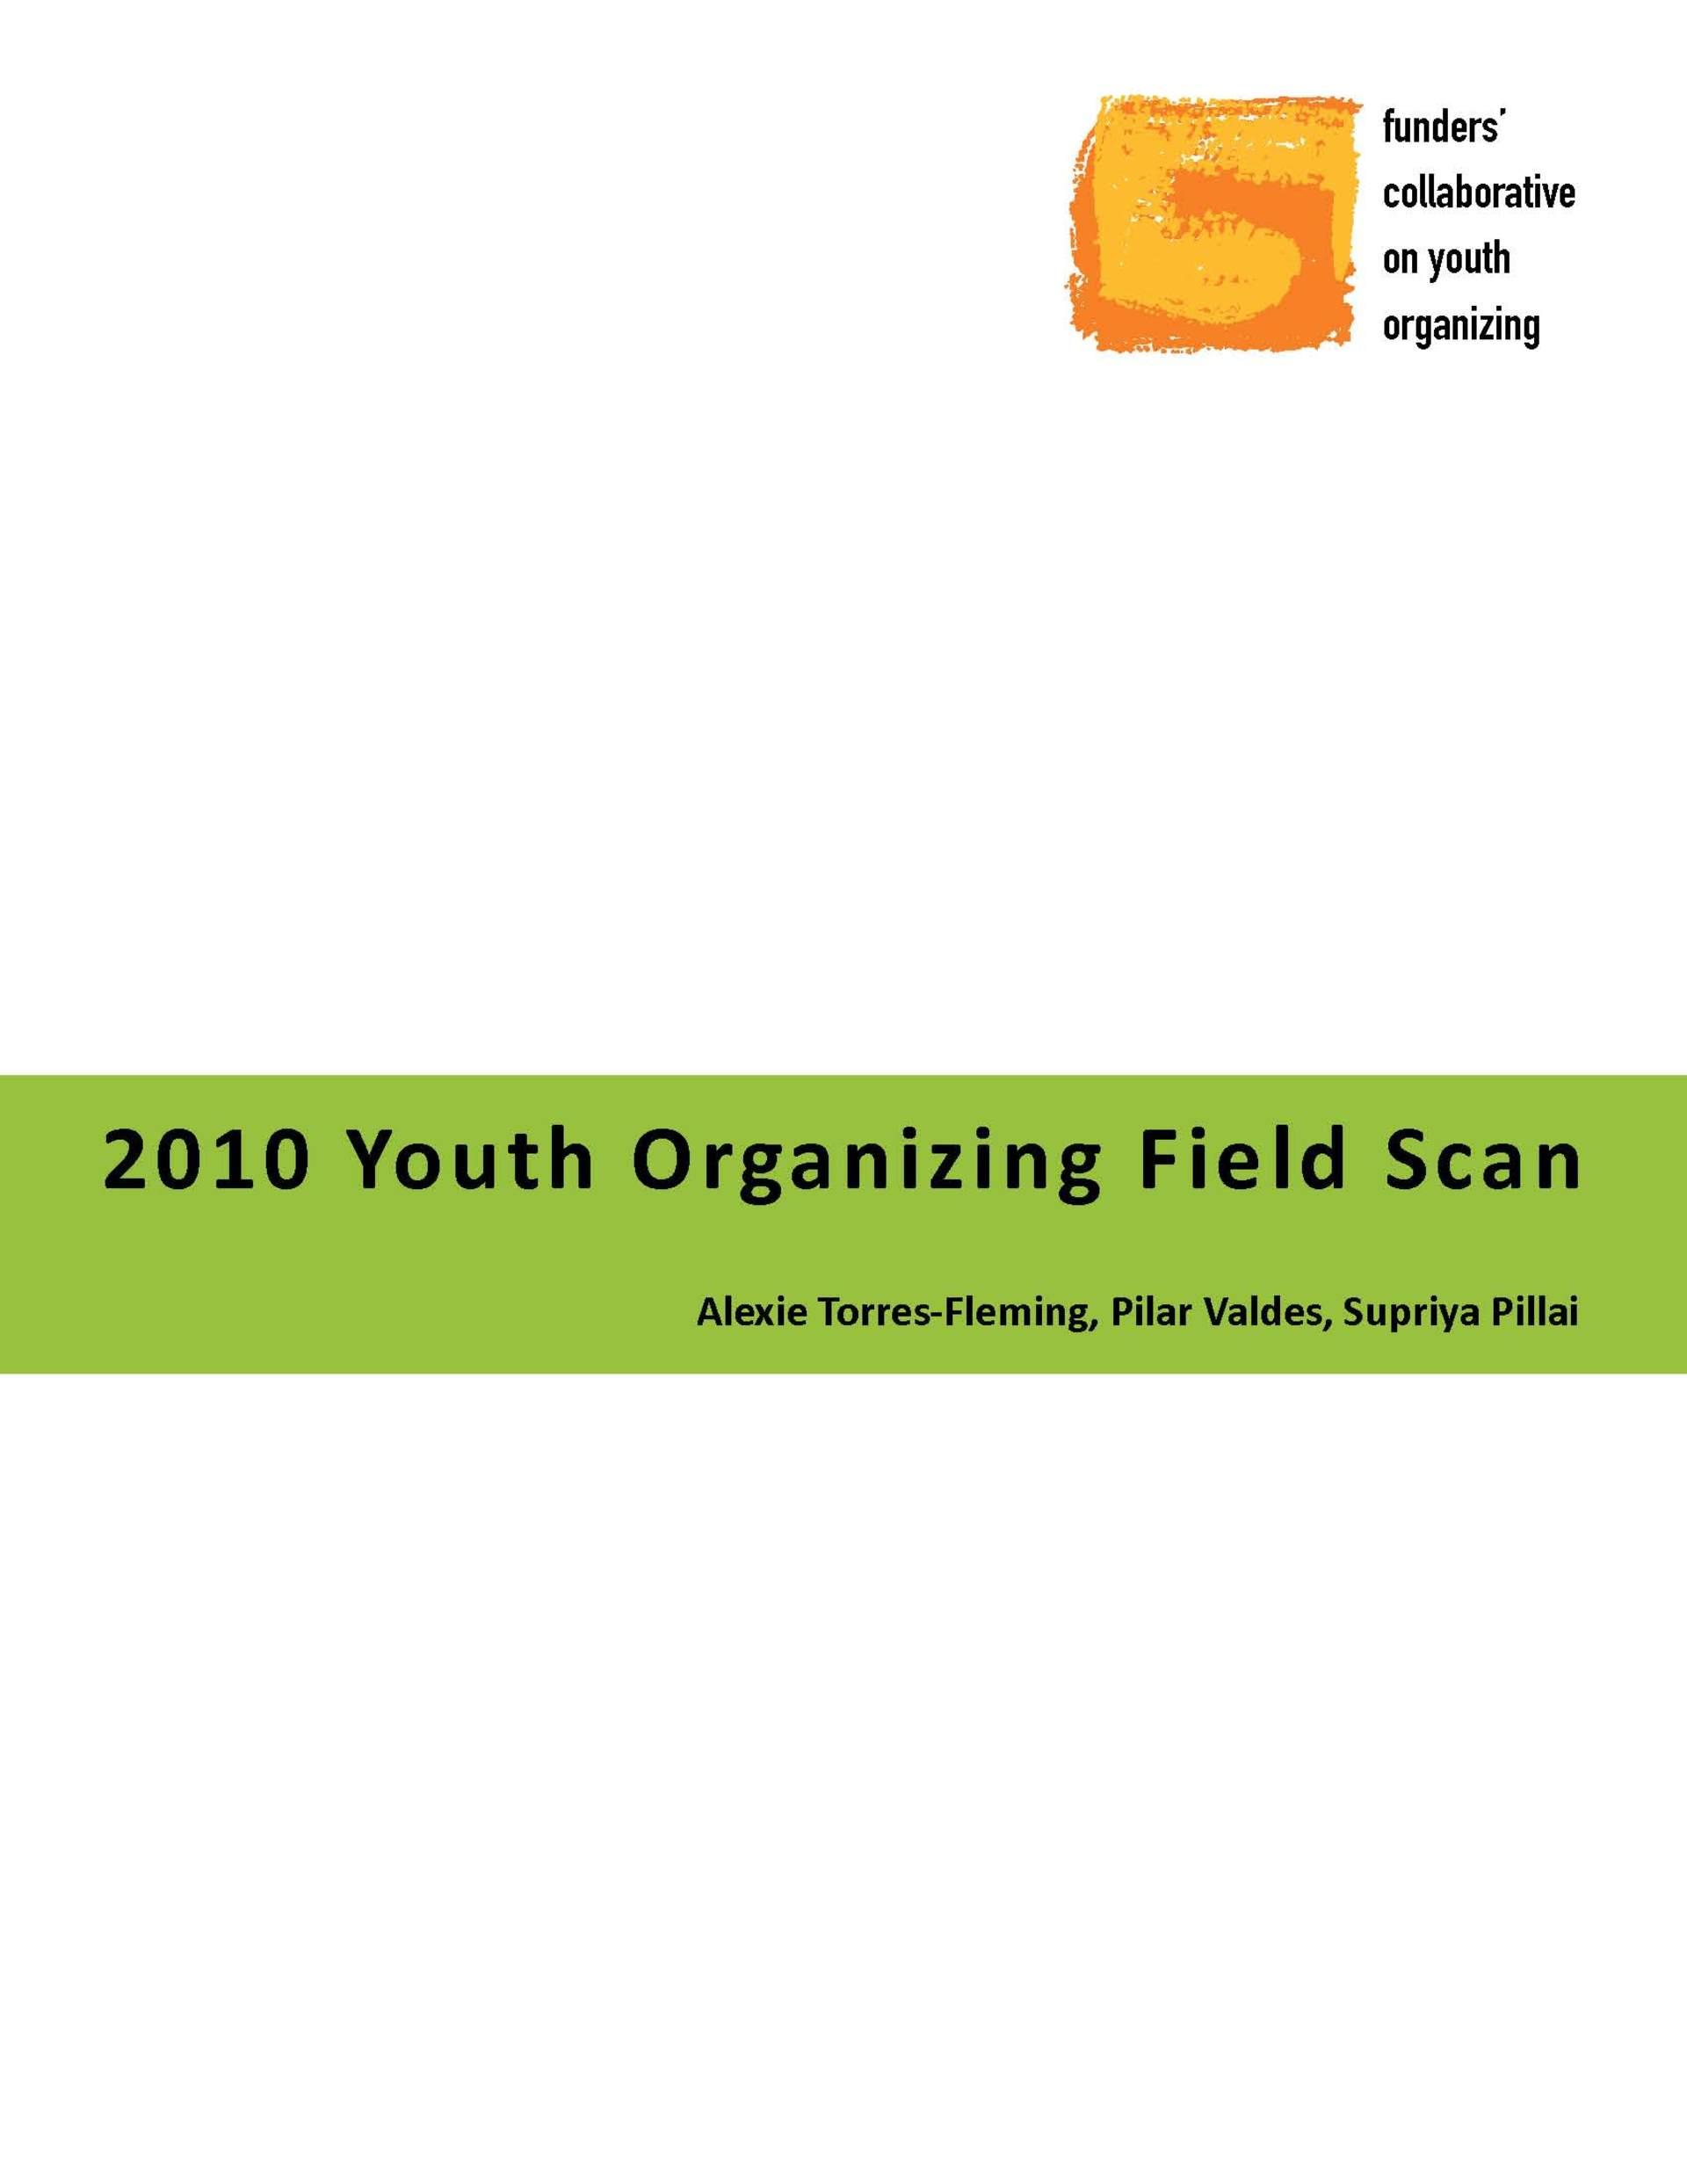 2019 Field Scan